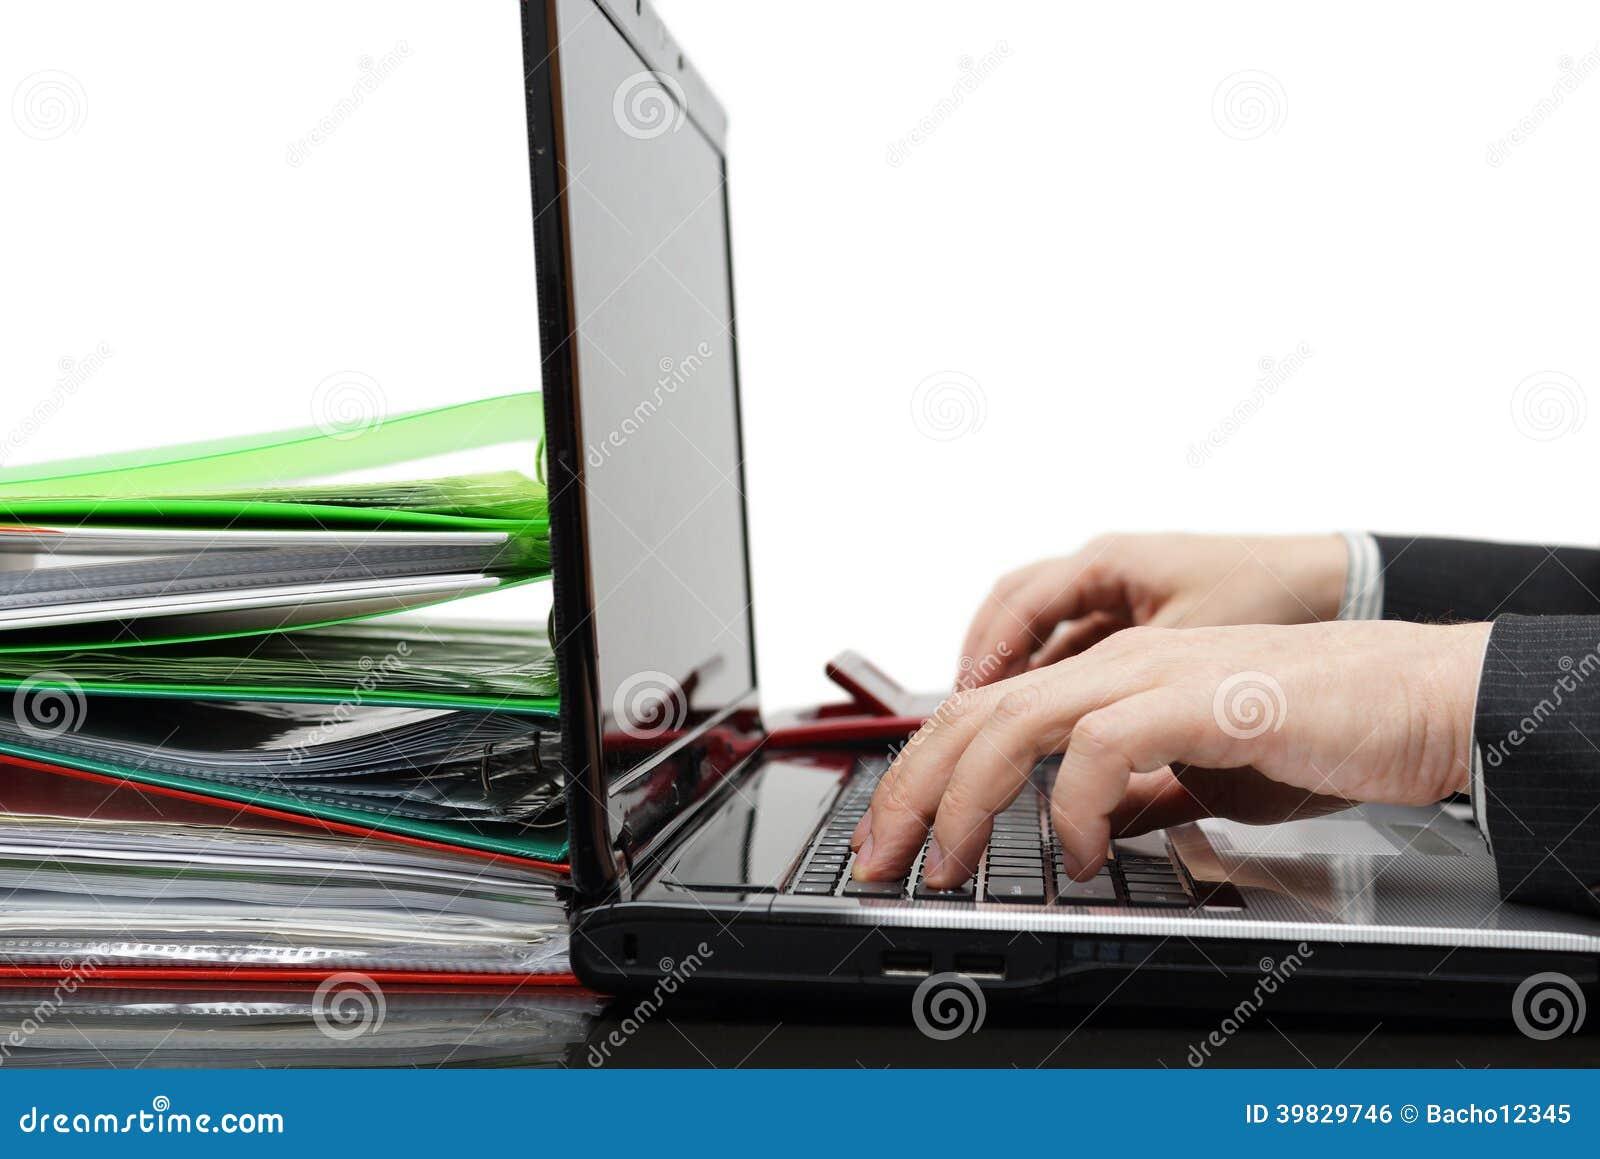 Бухгалтер при вполне документация работая на компьютере